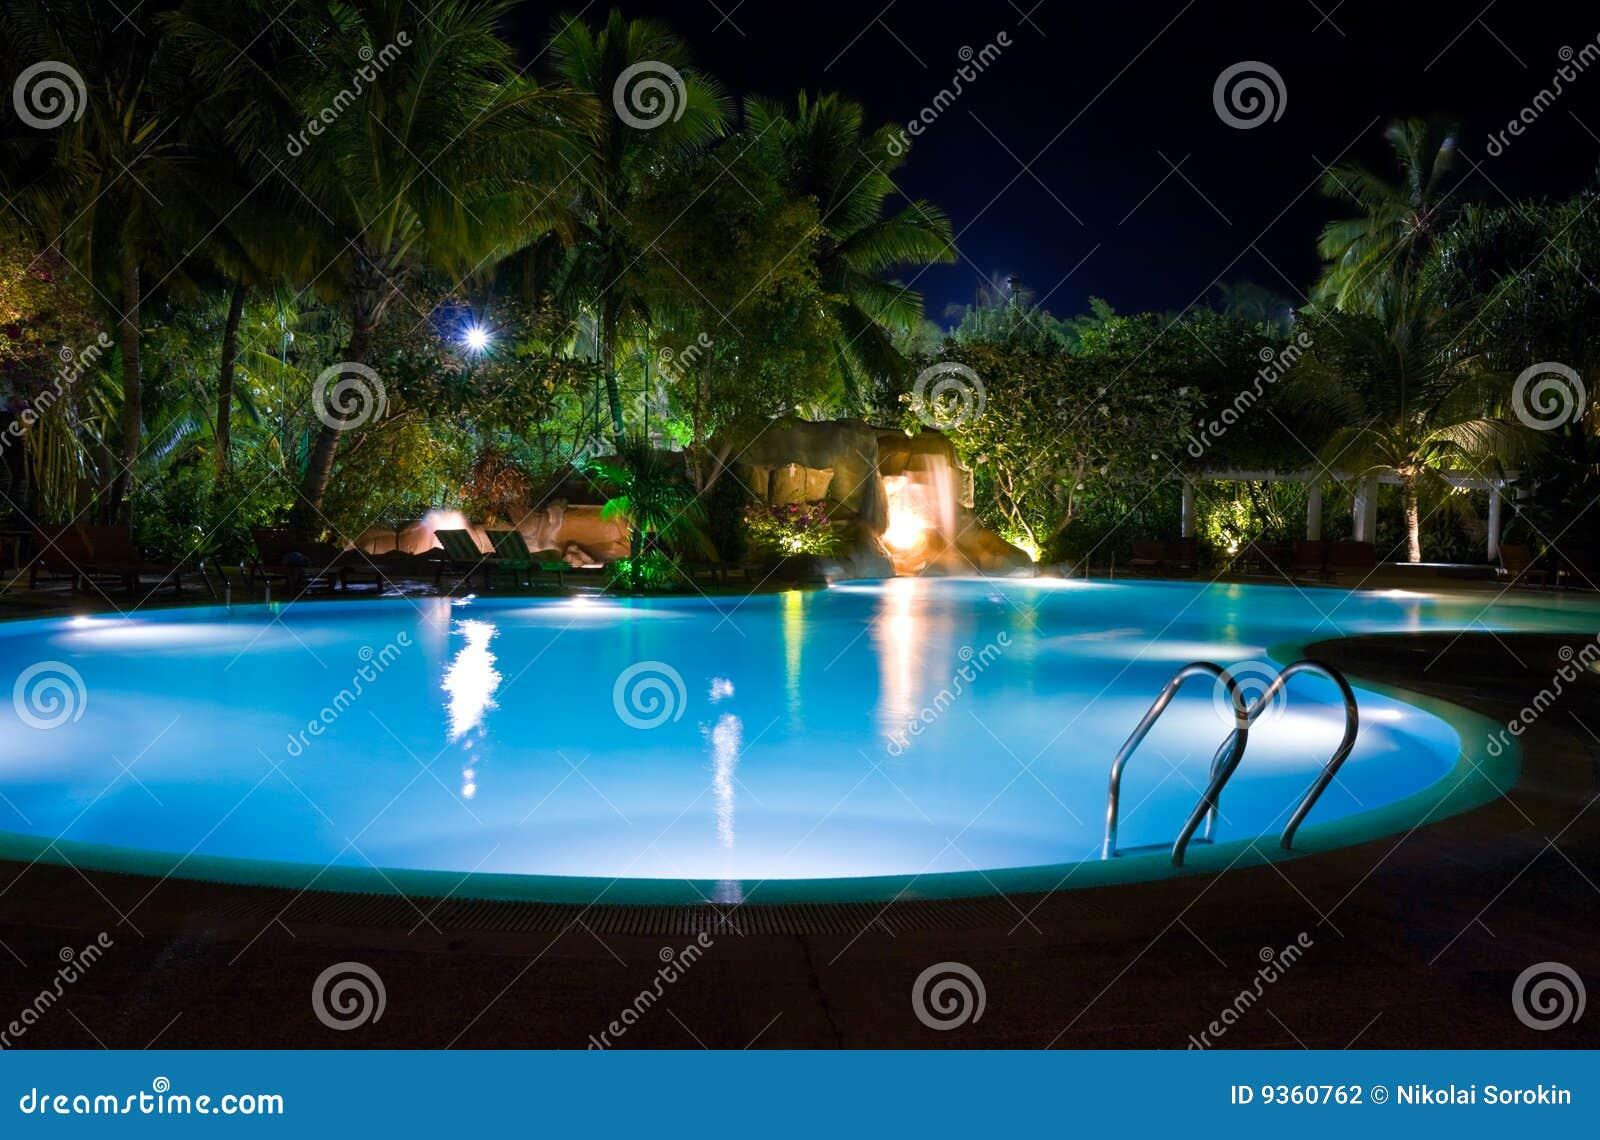 Download Pool Und Wasserfall Nachts Stockfoto. Bild Von Fall, Reise    9360762